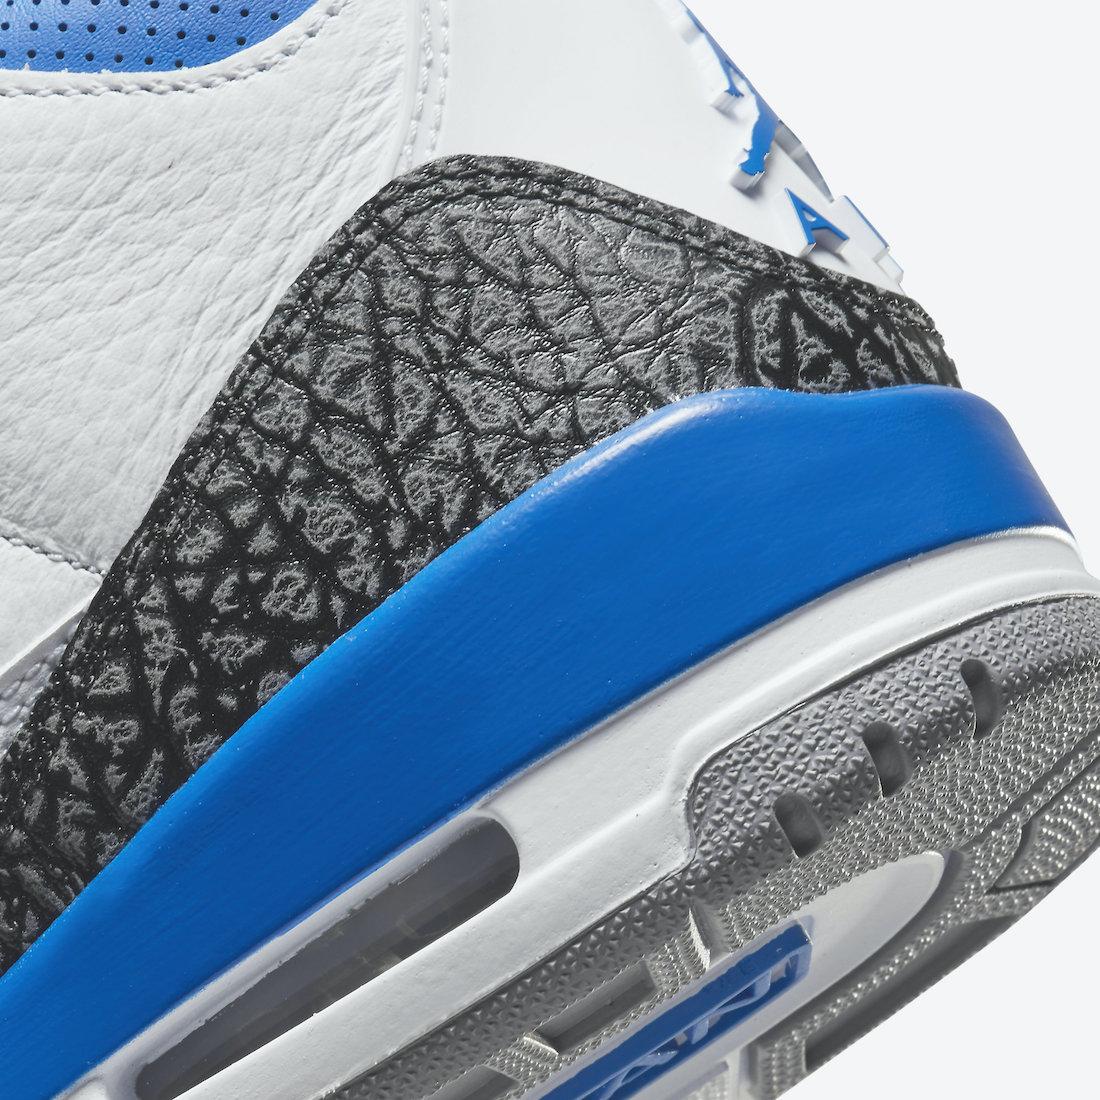 Air-Jordan-3-Racer-Blue-CT8532-145-Release-Date-Price-7